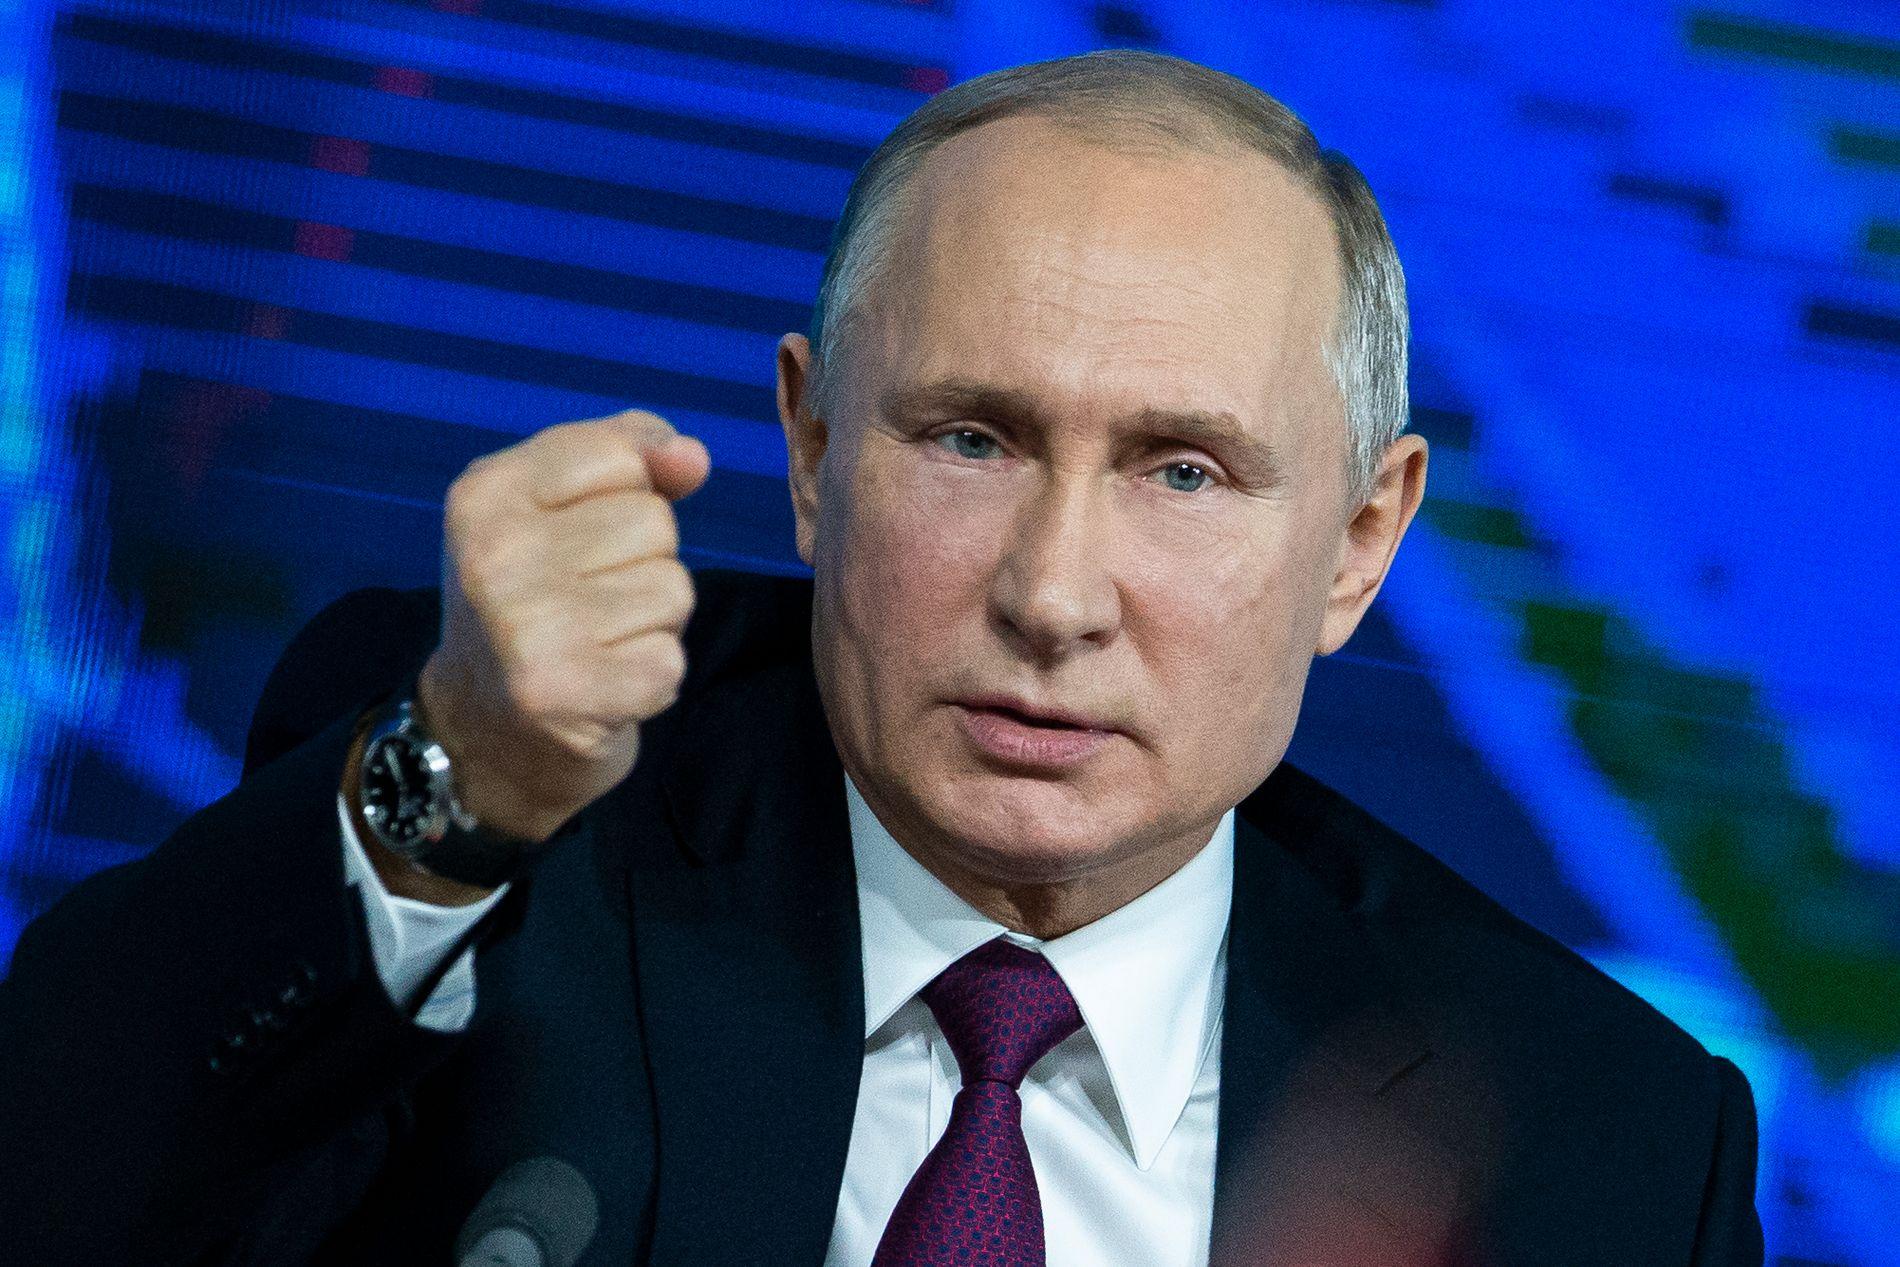 FÅR EN ADVARSEL: Den russiske presidenten Vladimir Putin, her under en nyhetskonferanse i Moskva i desember i fjor.